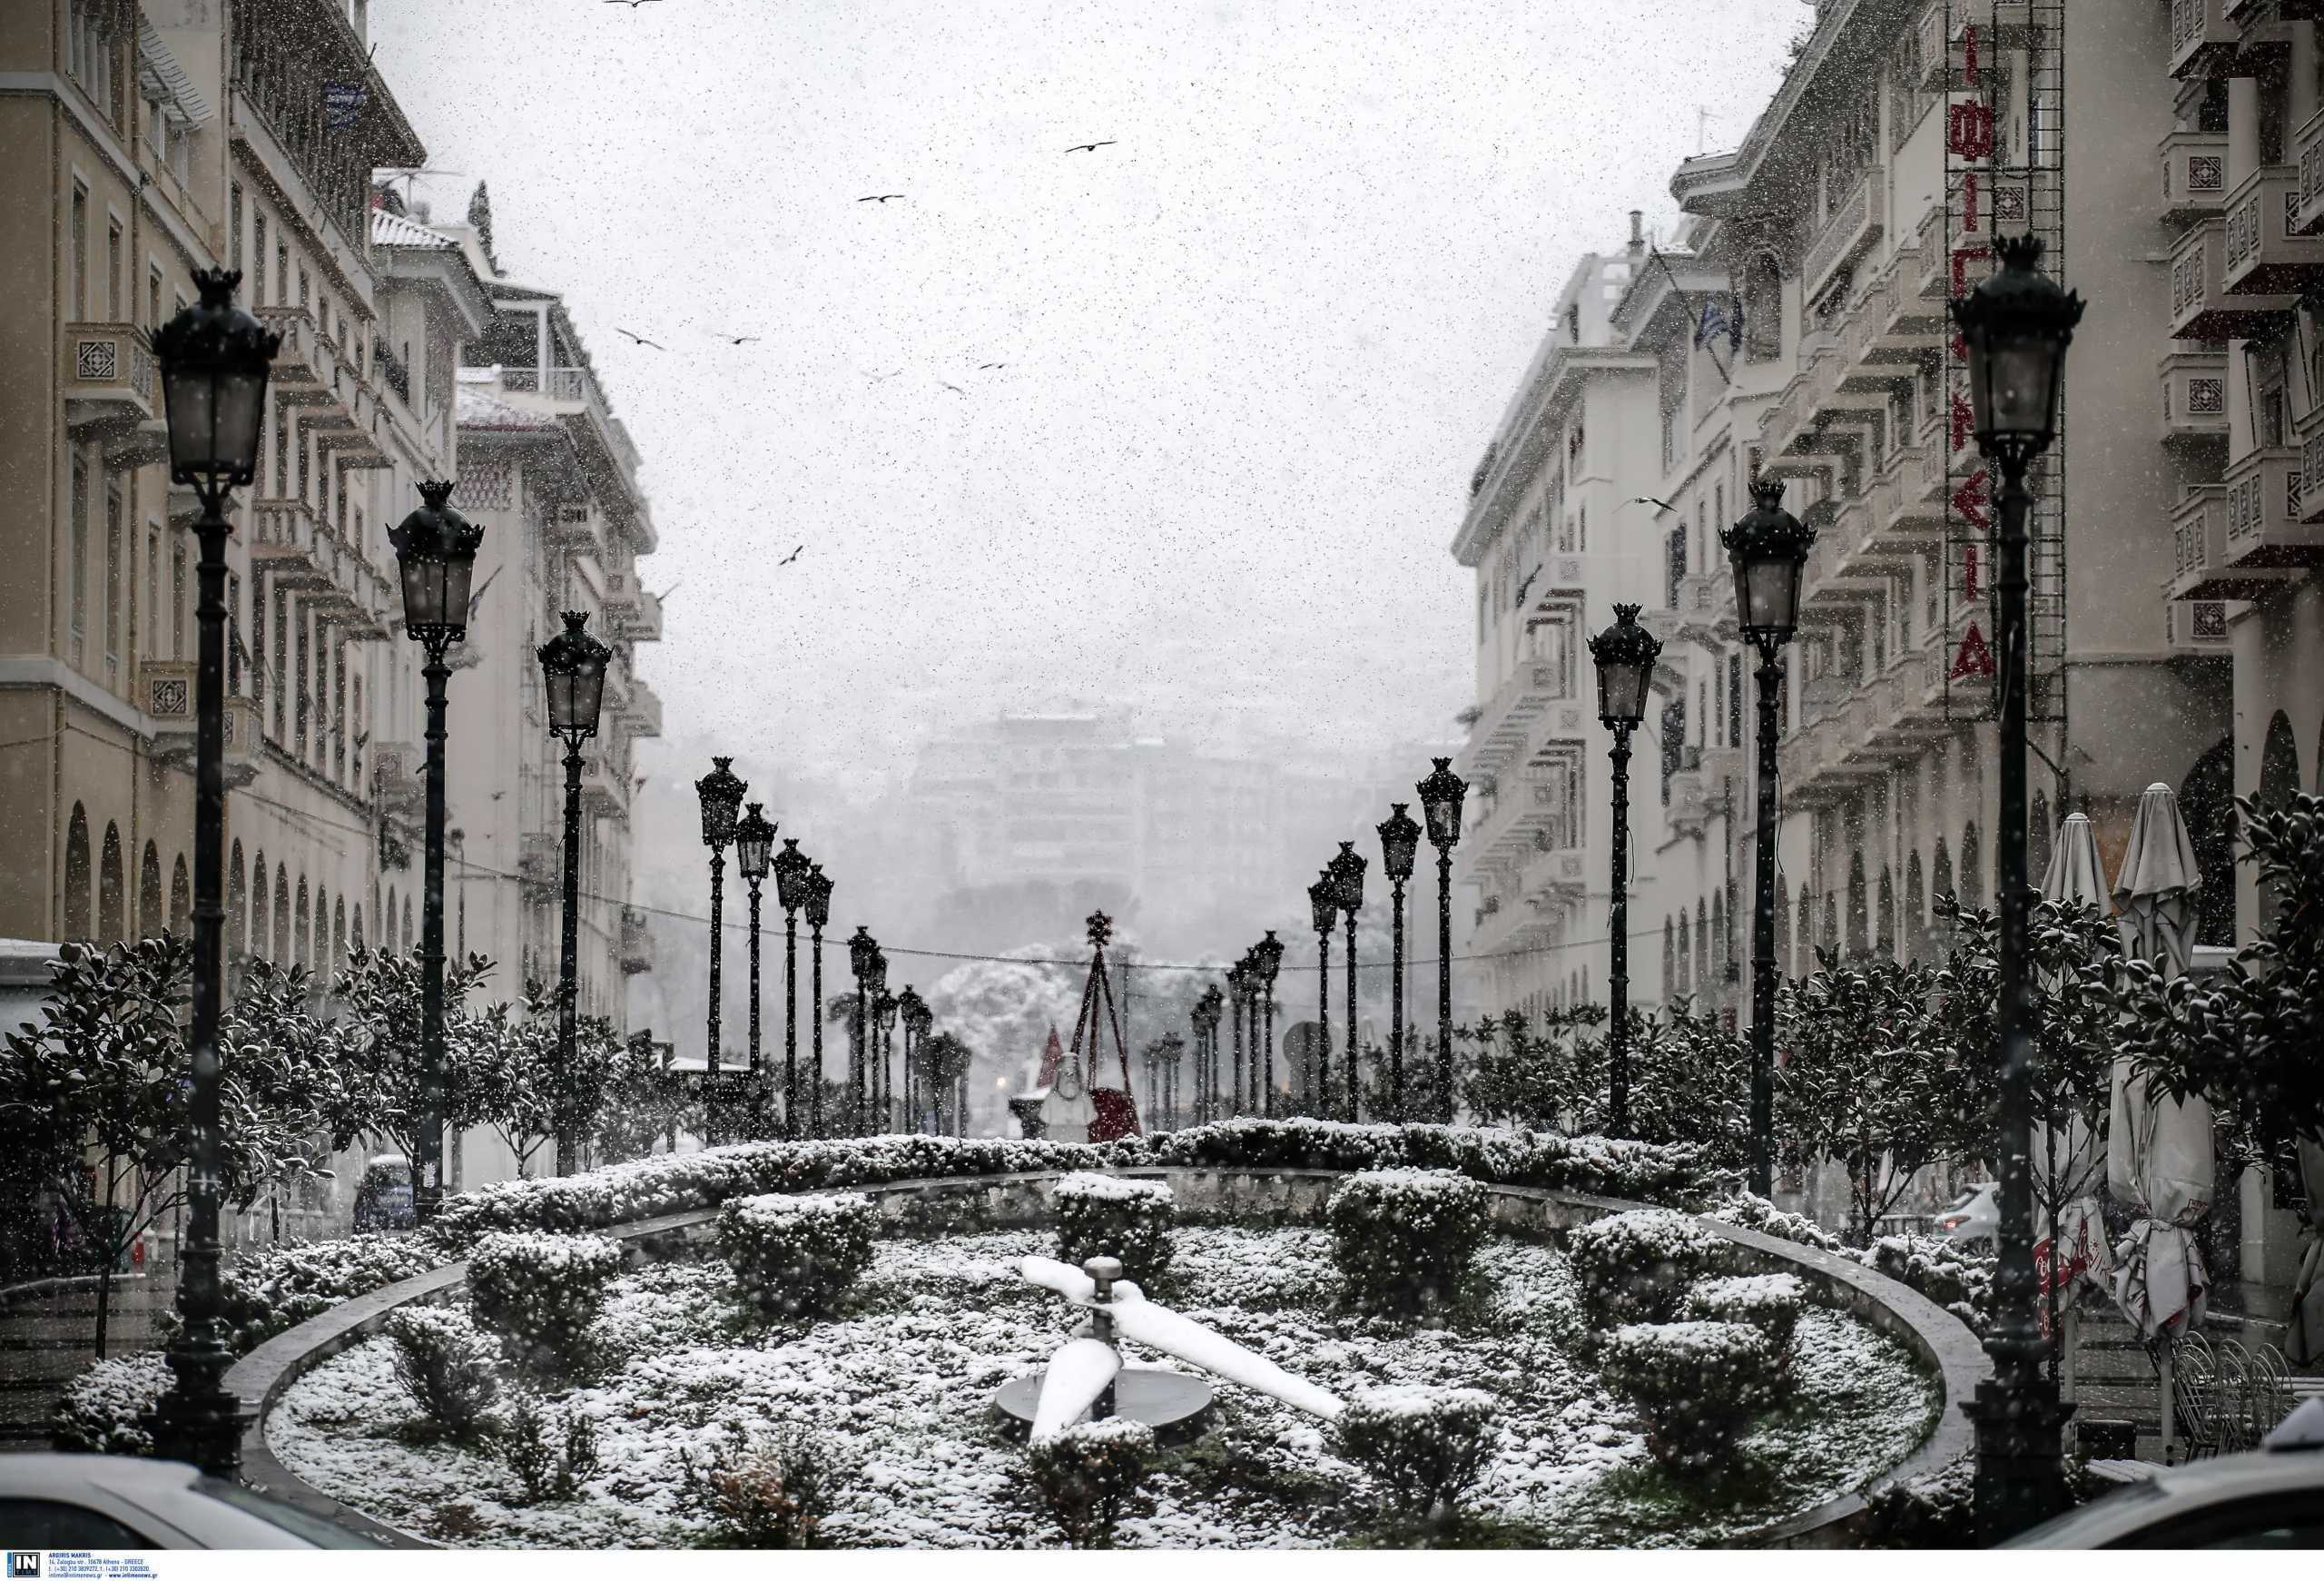 Καιρός – Κακοκαιρία Λέανδρος: Περιήγηση στη χιονισμένη Ελλάδα – Τα προβλήματα και οι μαγικές εικόνες (pics, video)